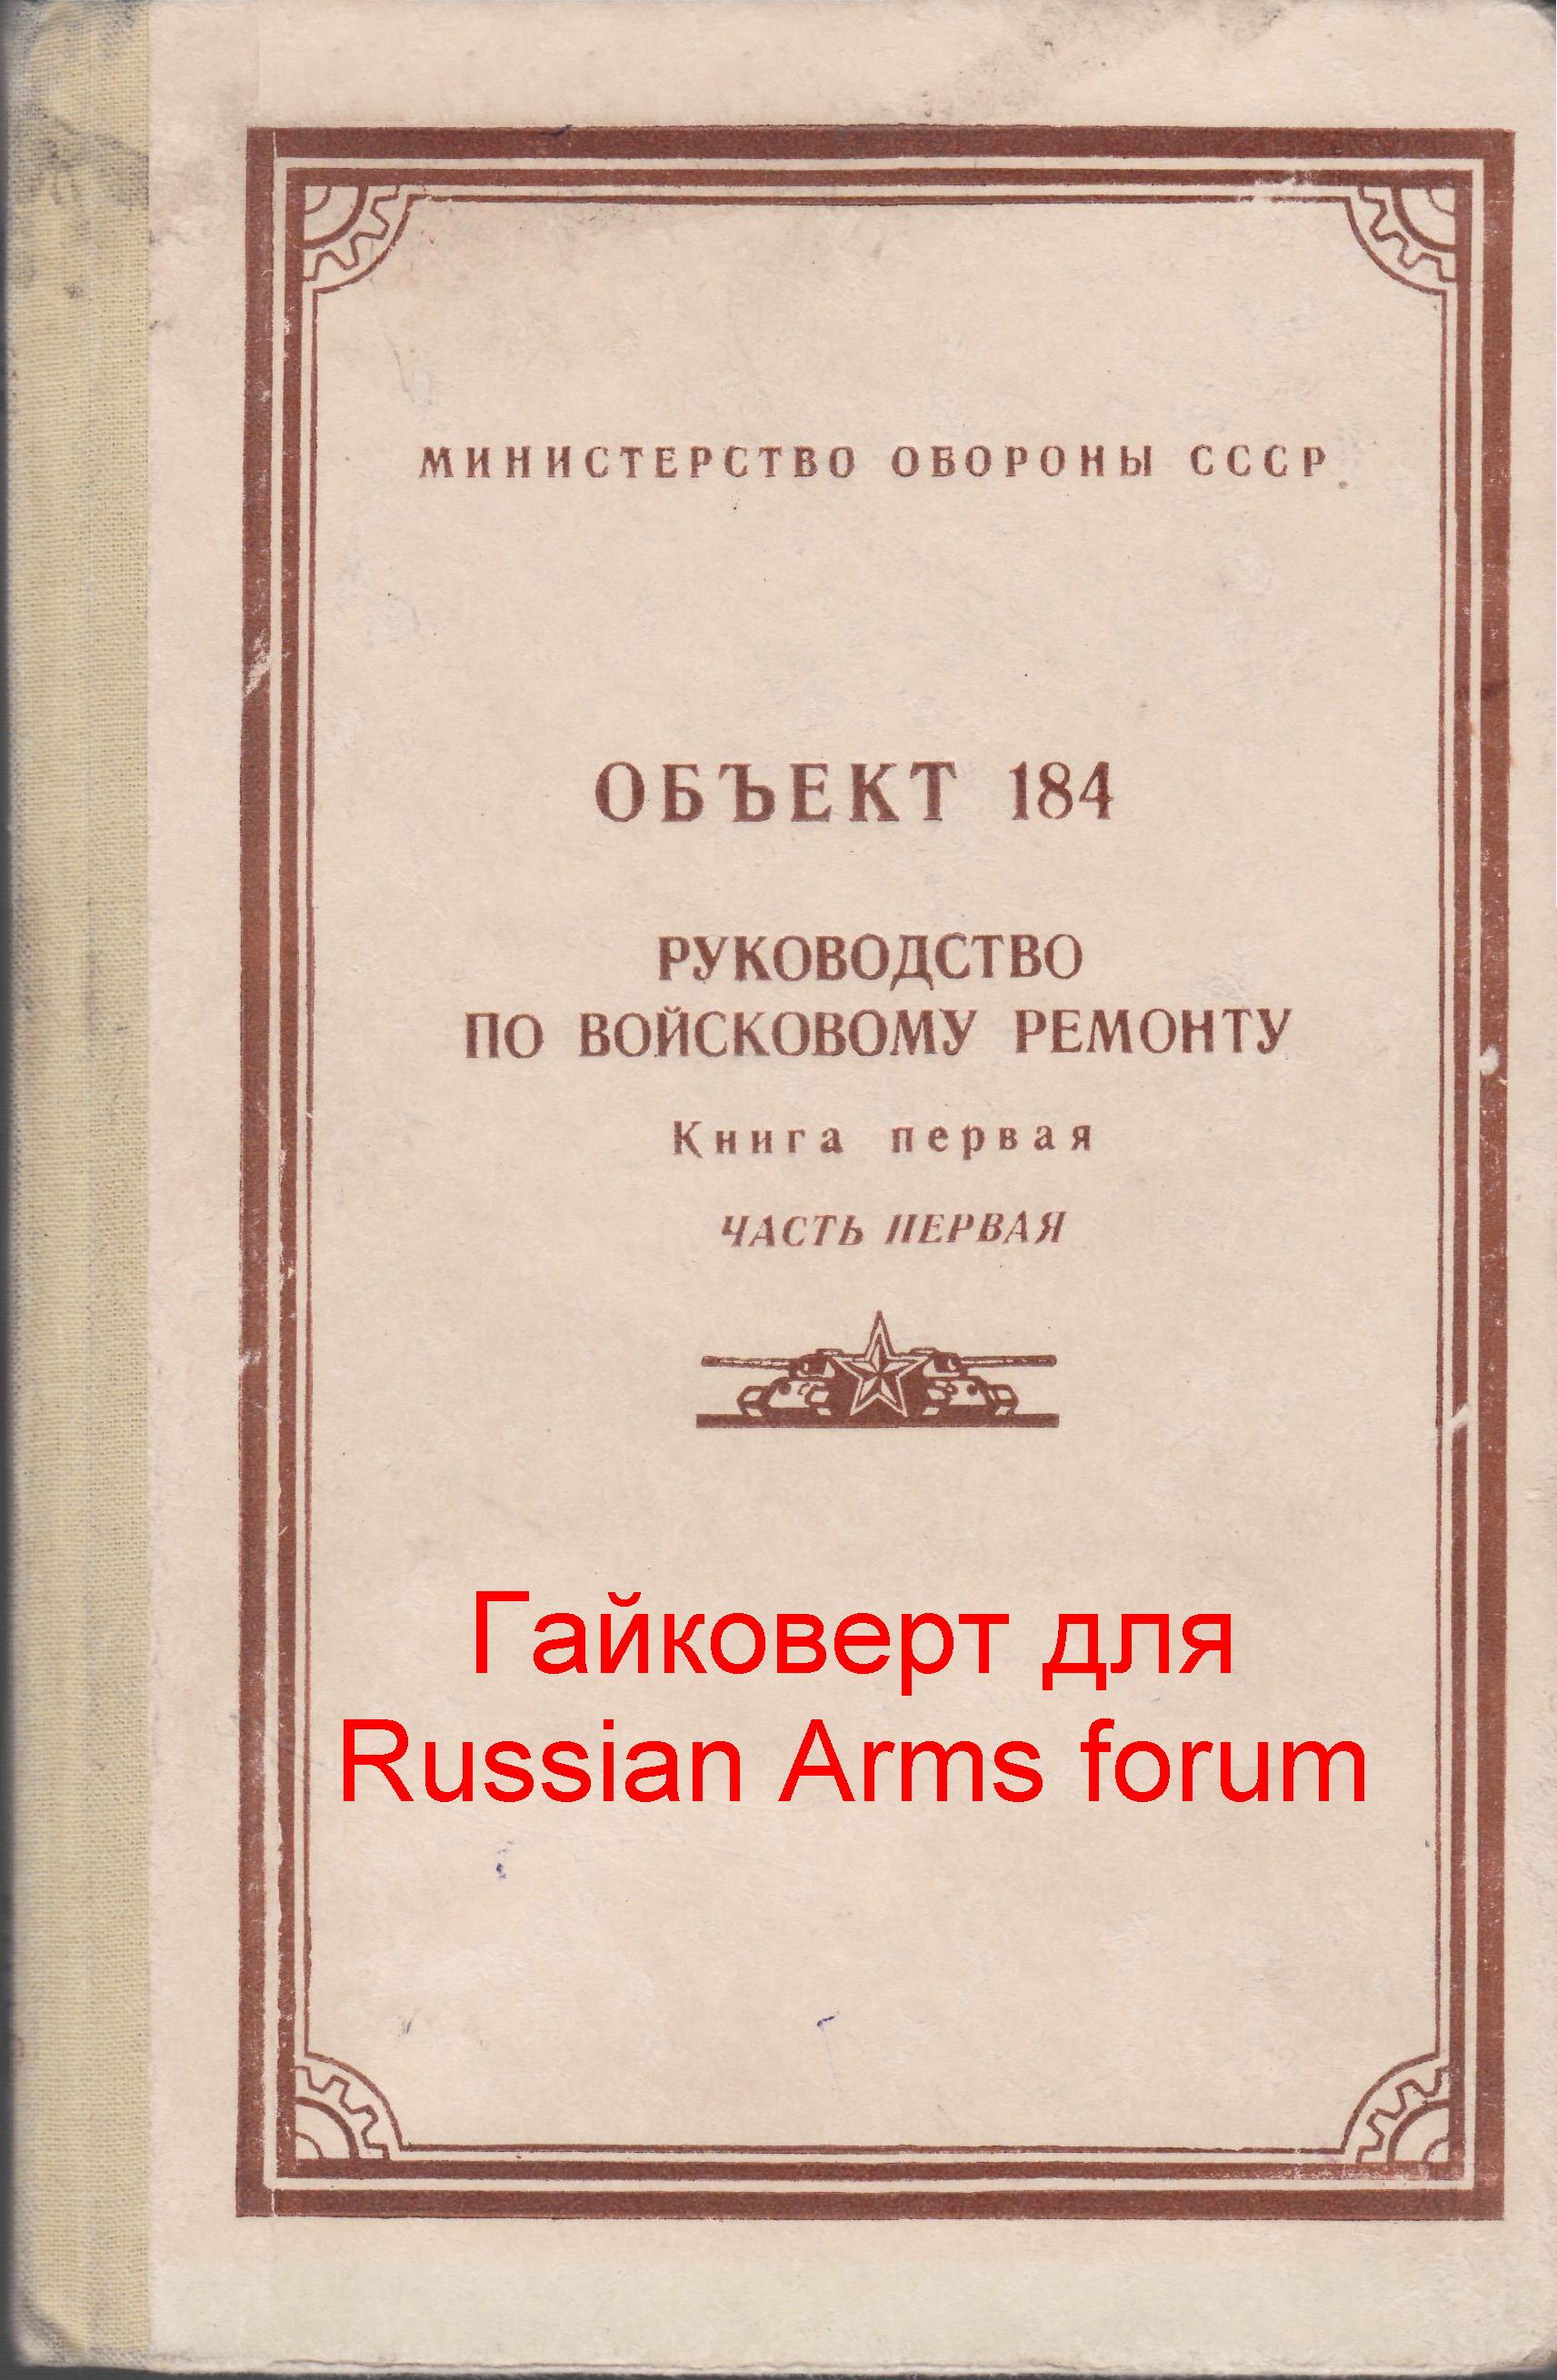 https://forumupload.ru/uploads/000a/e3/16/4809/452879.jpg